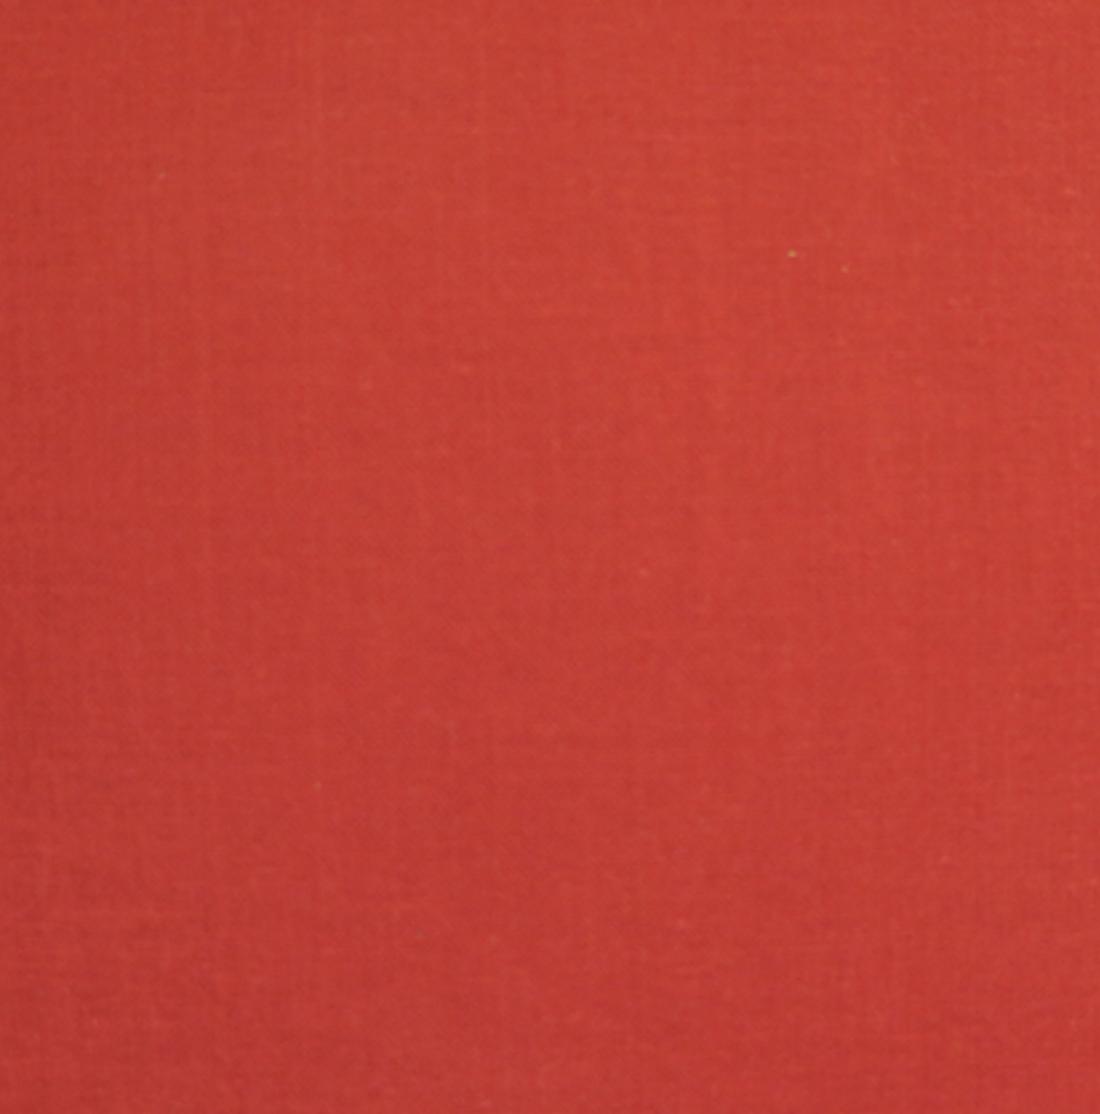 Scarlet - Chambray - Andover Fabrics